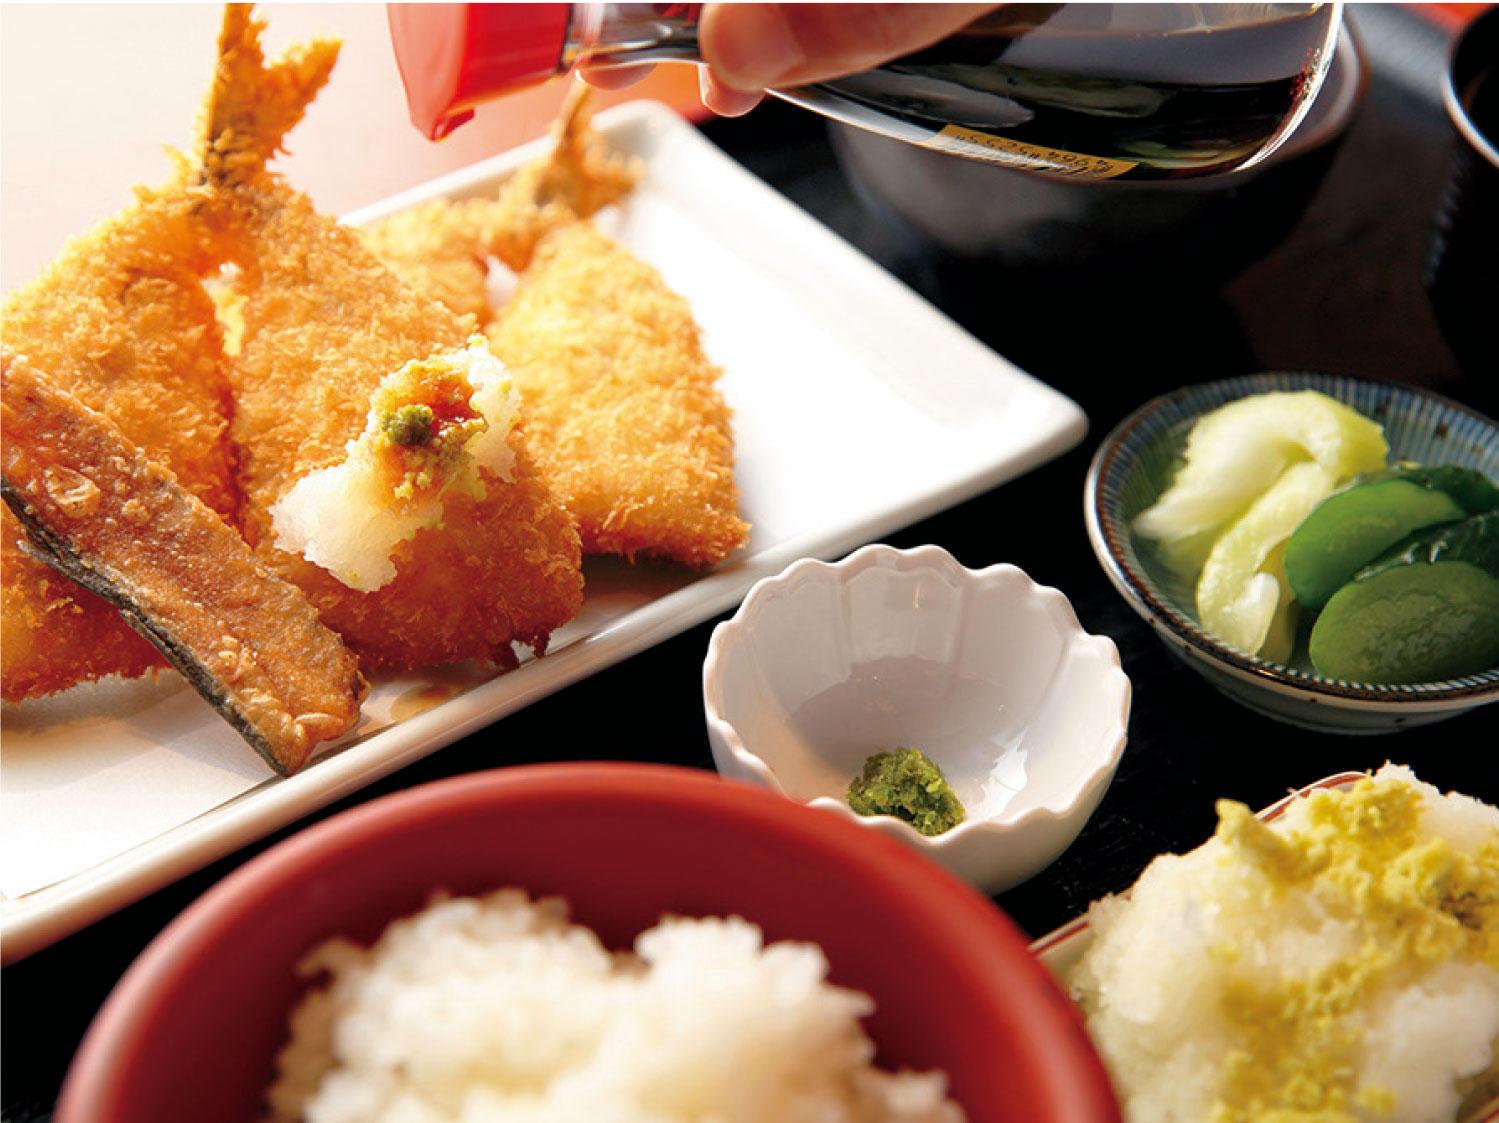 エキマチの美しき〝日本〟 「和グルメ」